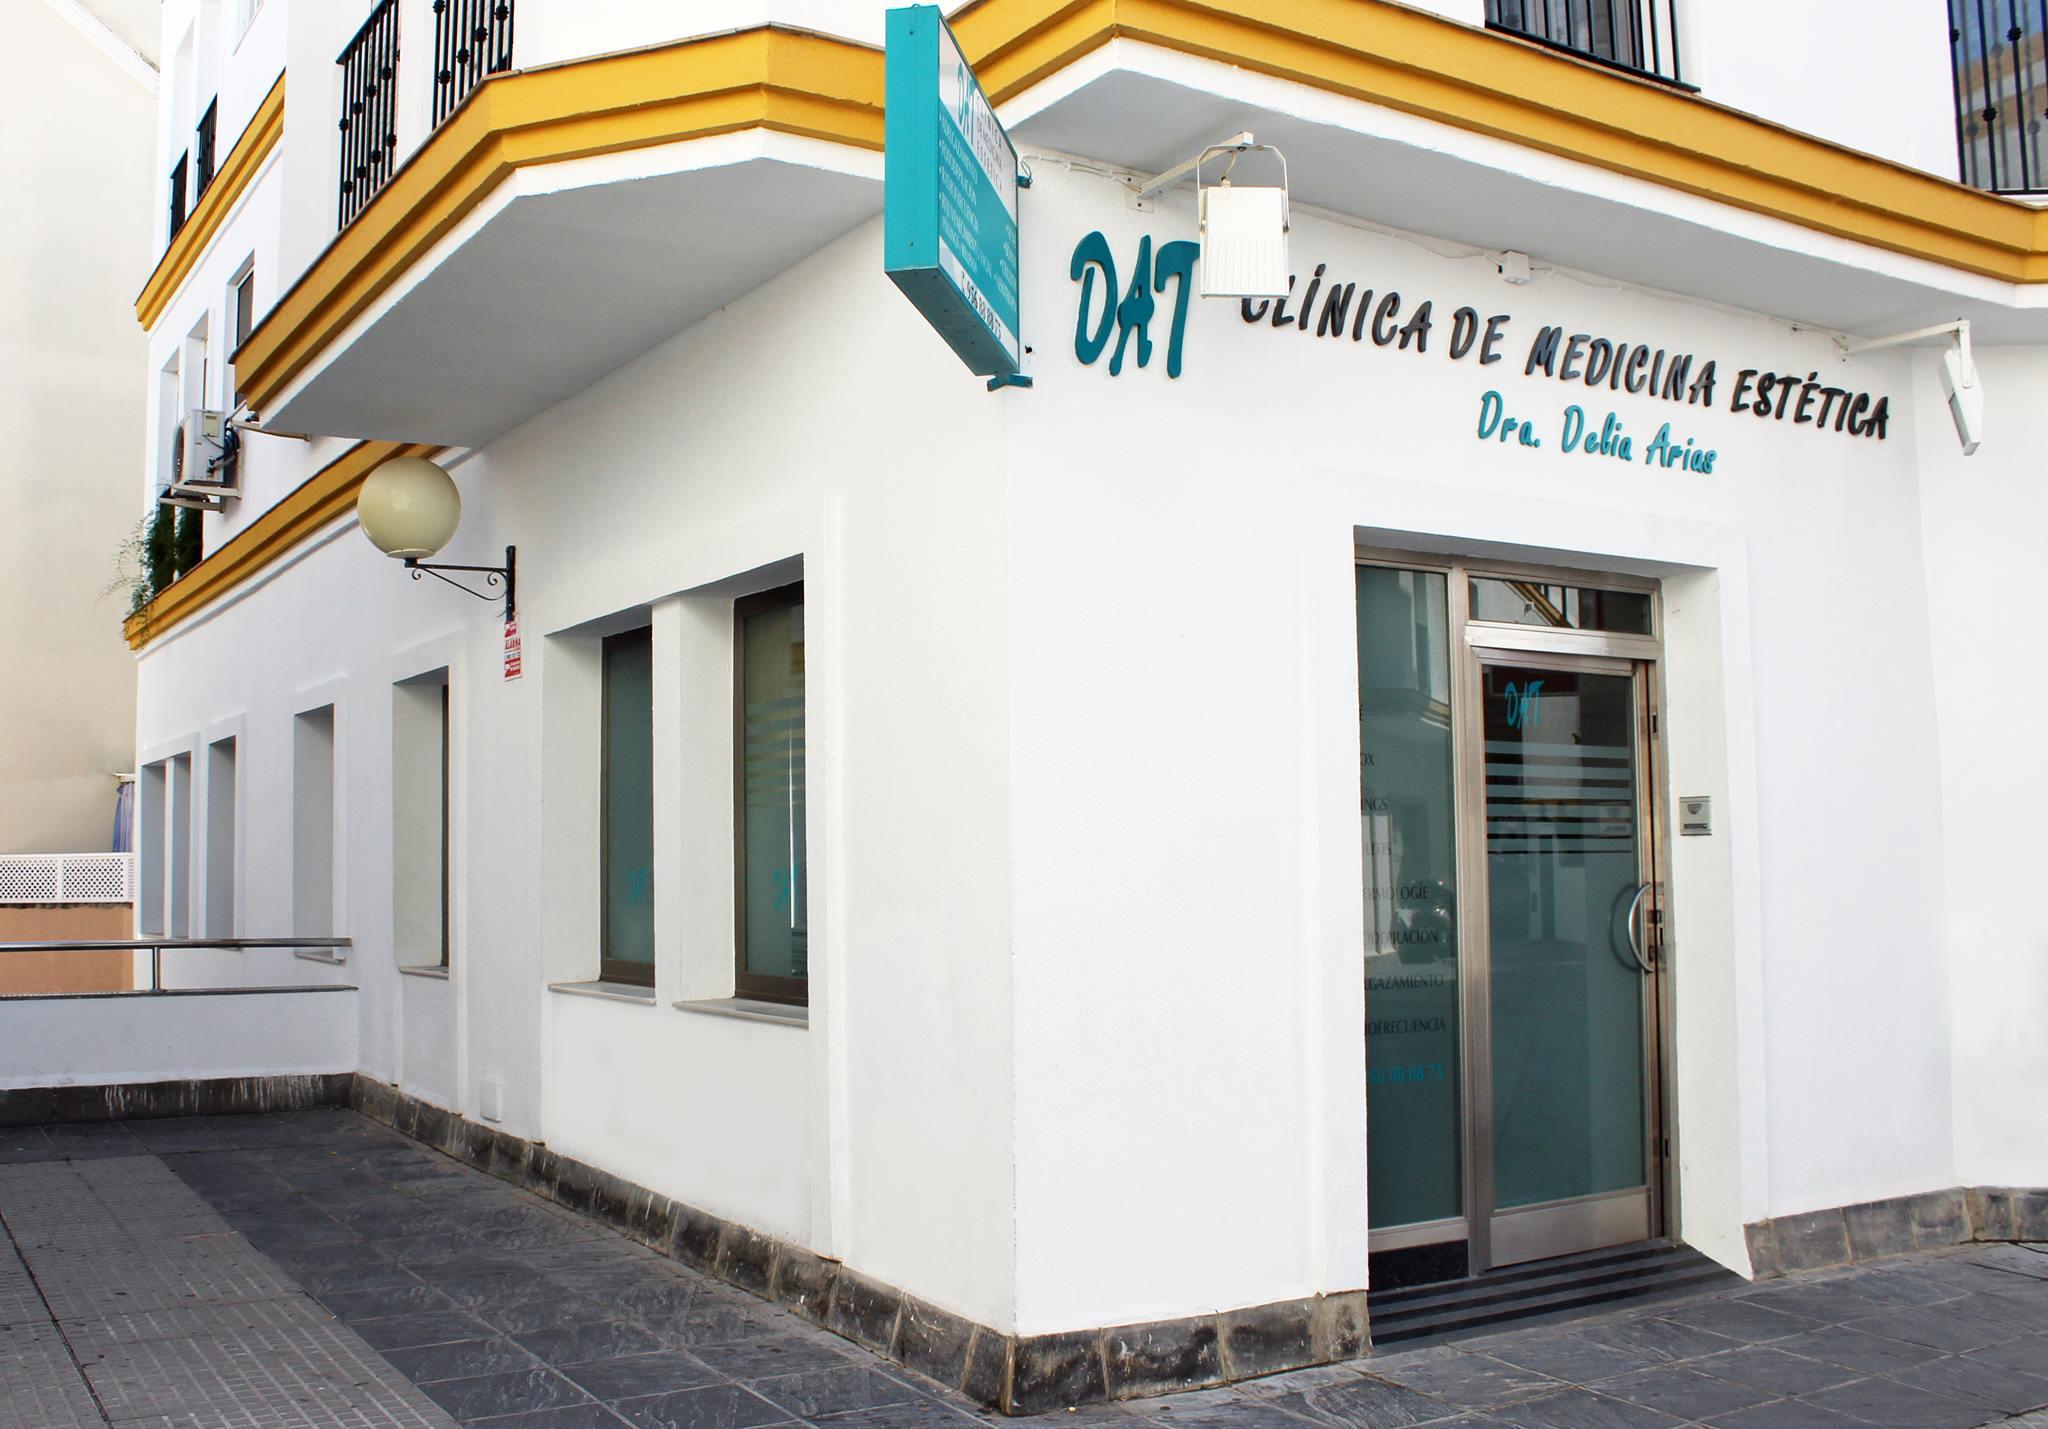 CLINICA DE MEDICINA ESTÉTICA DAT